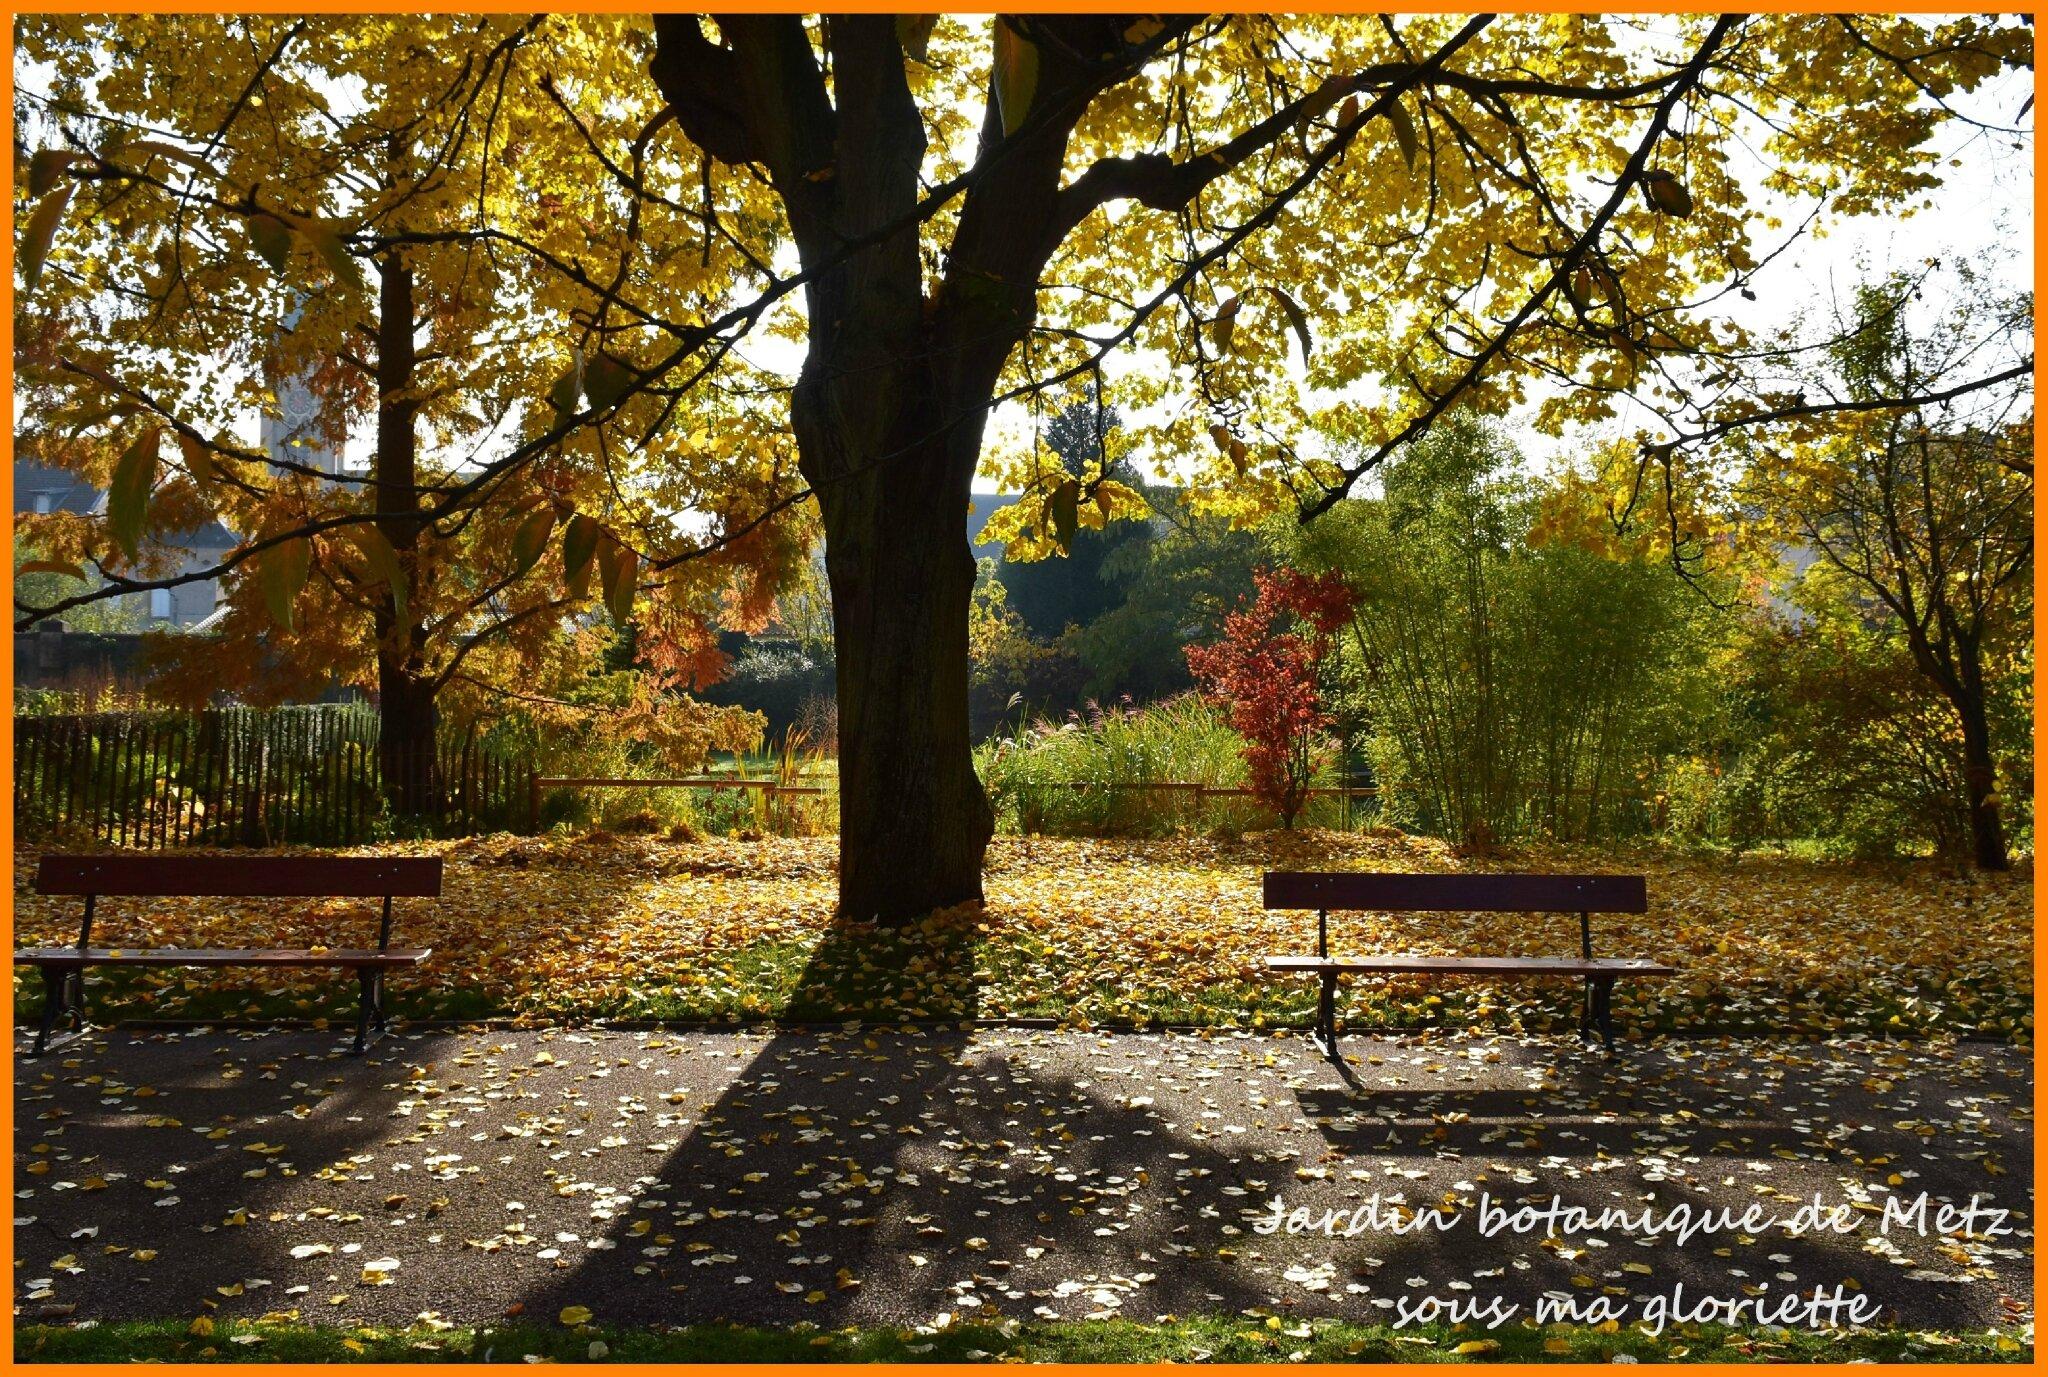 Le jardin botanique de metz a mis ses couleurs d 39 automne for Jardin botanique metz